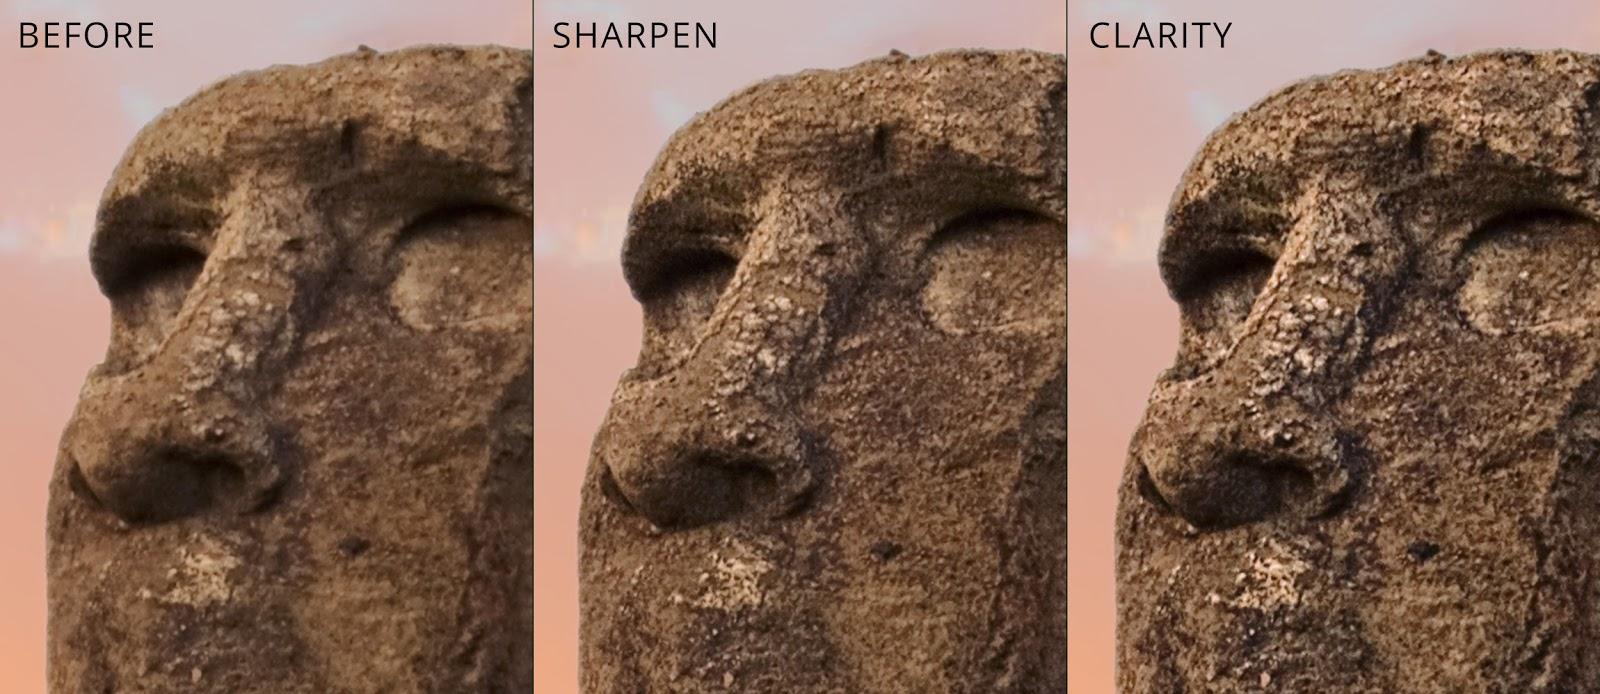 foto van drie beelden van beeldgehouwen gezichten voorbeeld bewerking in LandscapePro 3